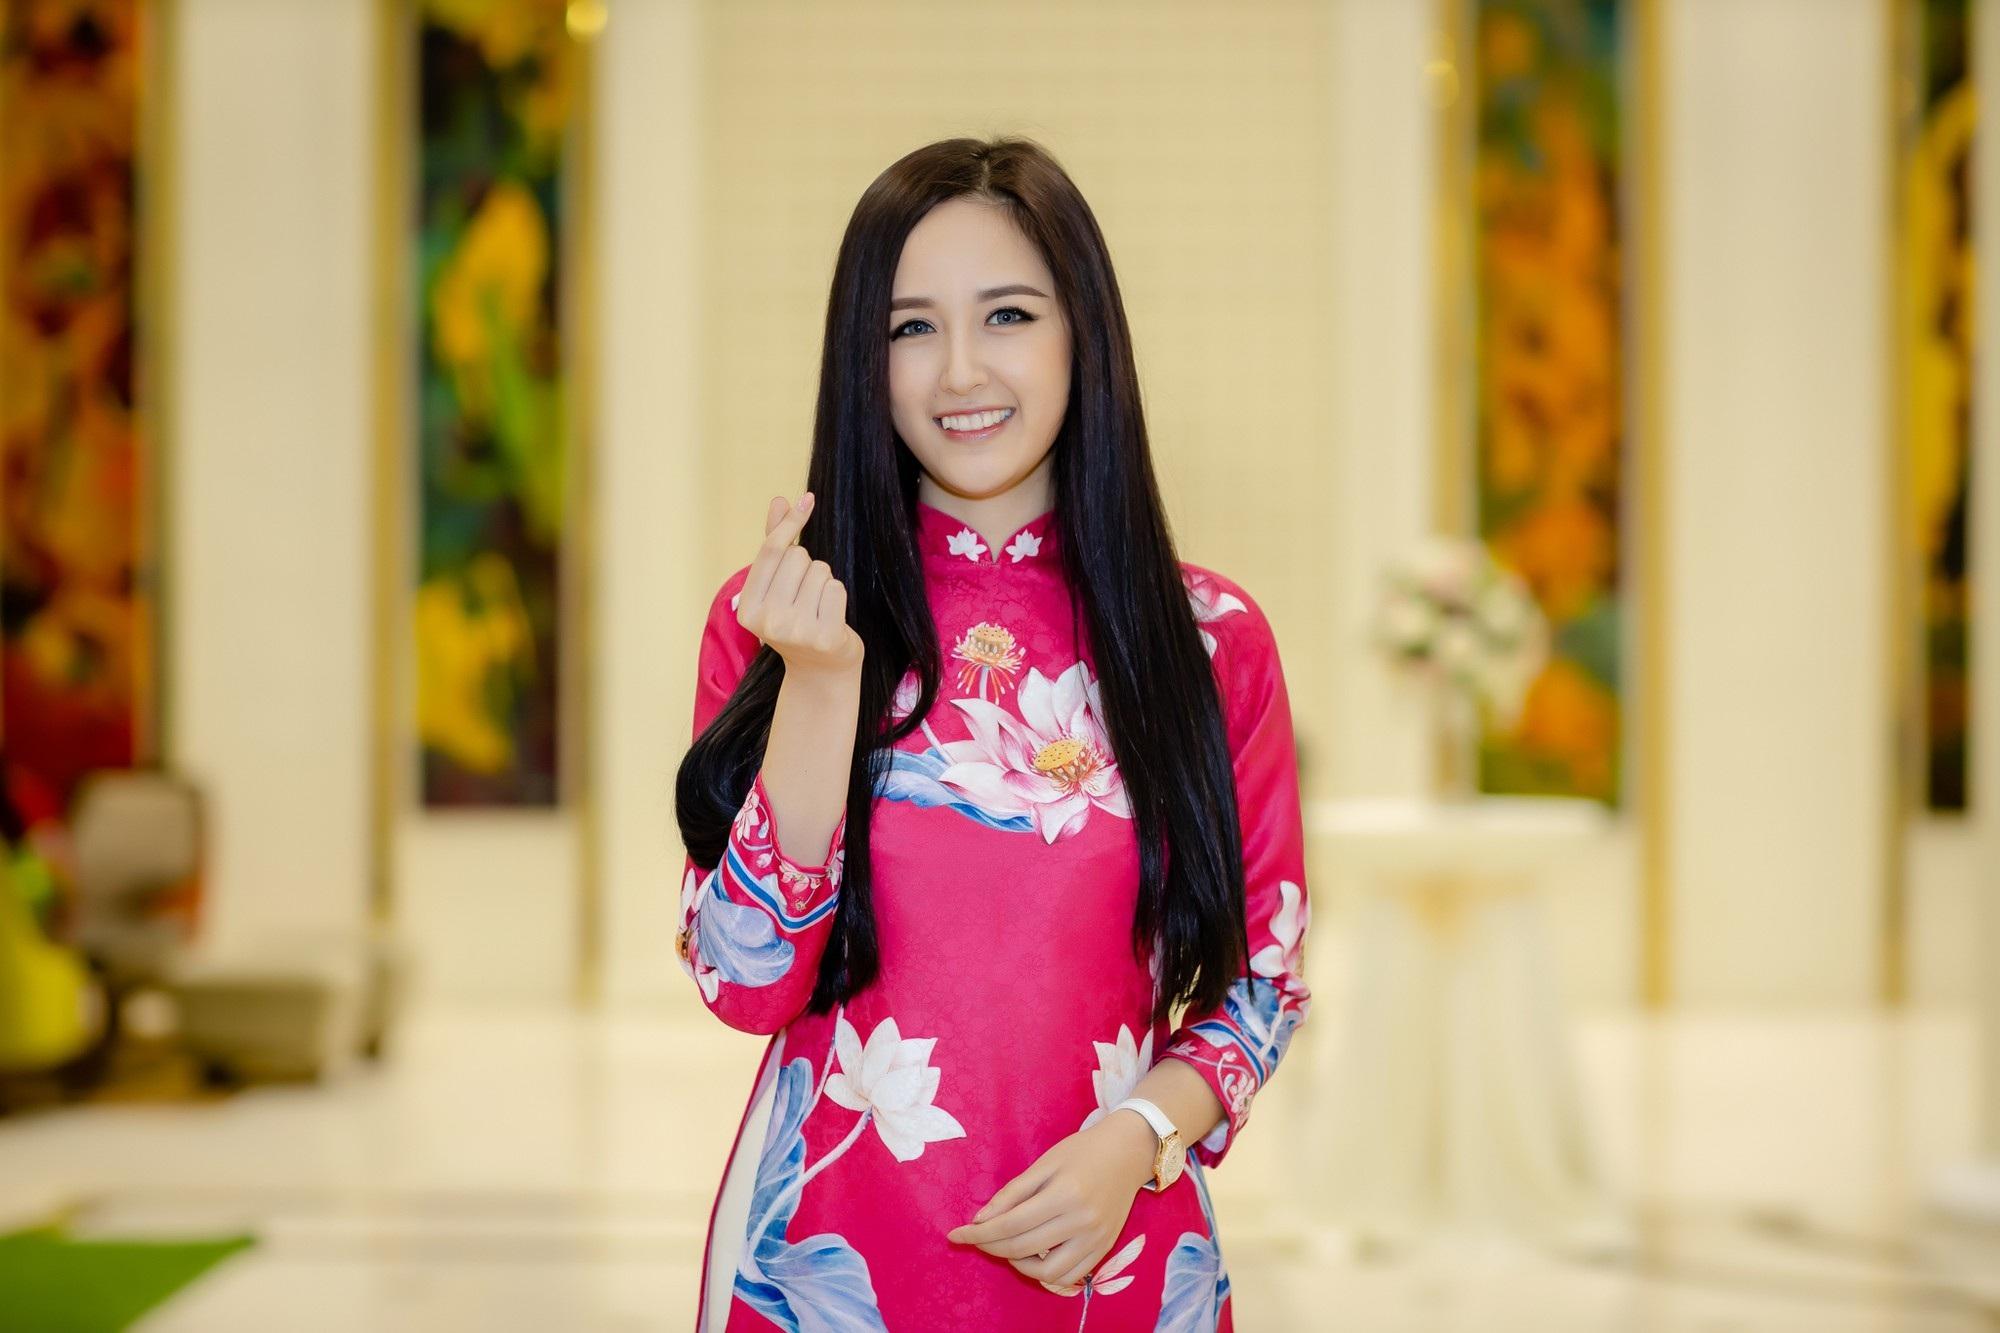 Cuộc sống sung túc, hot girl Tâm Tít sang chảnh không kém Hoa hậu Mai Phương Thuý - Ảnh 5.